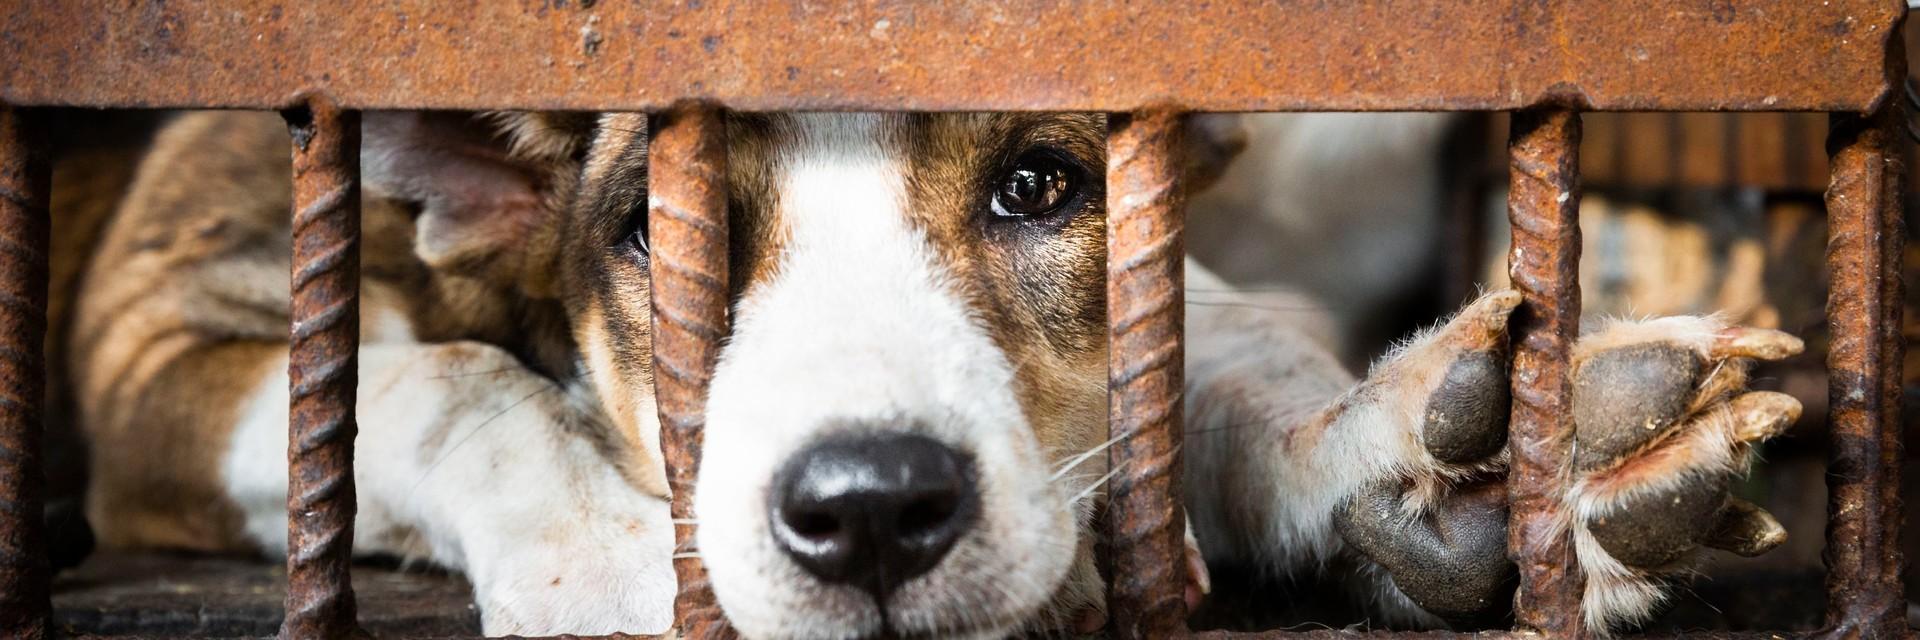 Un chien dans une cage destiné à être consommé